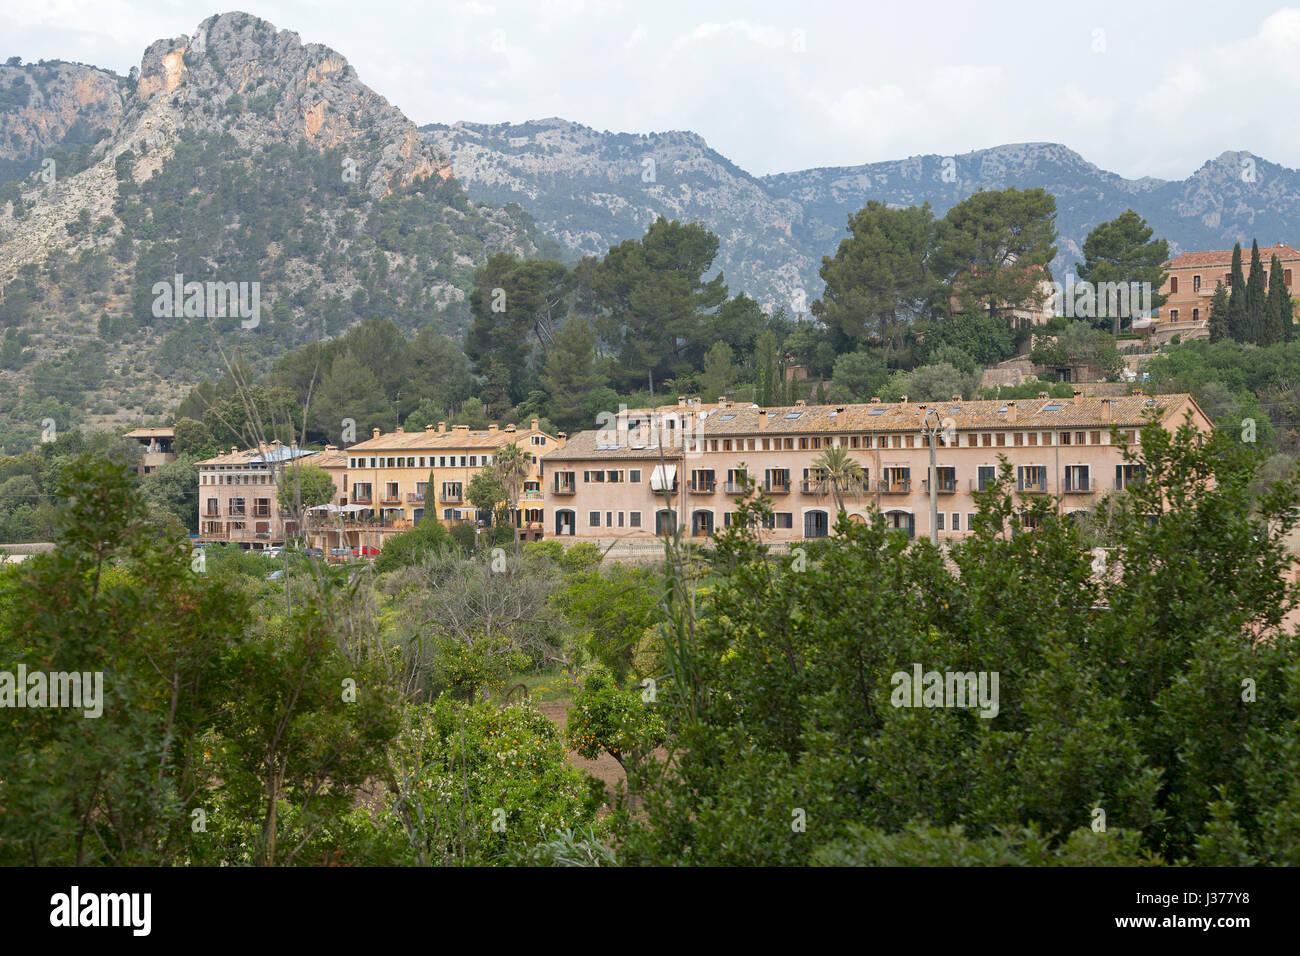 Häuserzeile in Bunyola, Mallorca, Spanien Stockbild